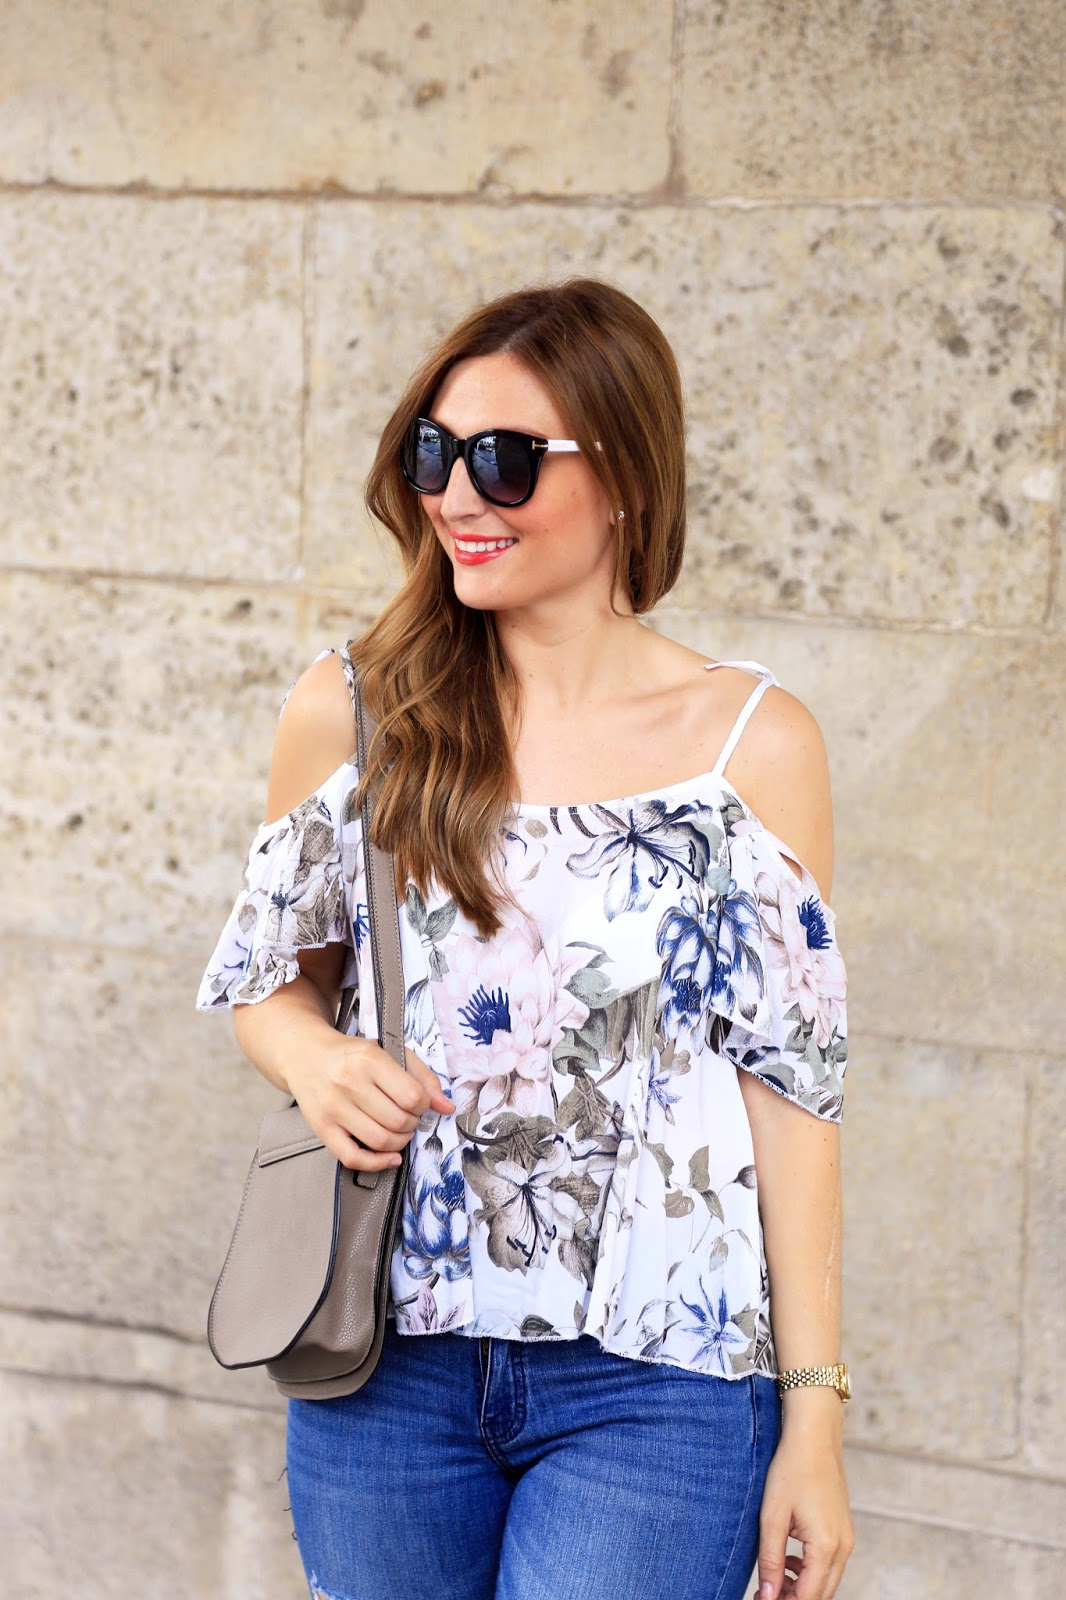 Fashionblogger aus Deutschland - Fashionstylebyjohanna - Frankfurt Blogger